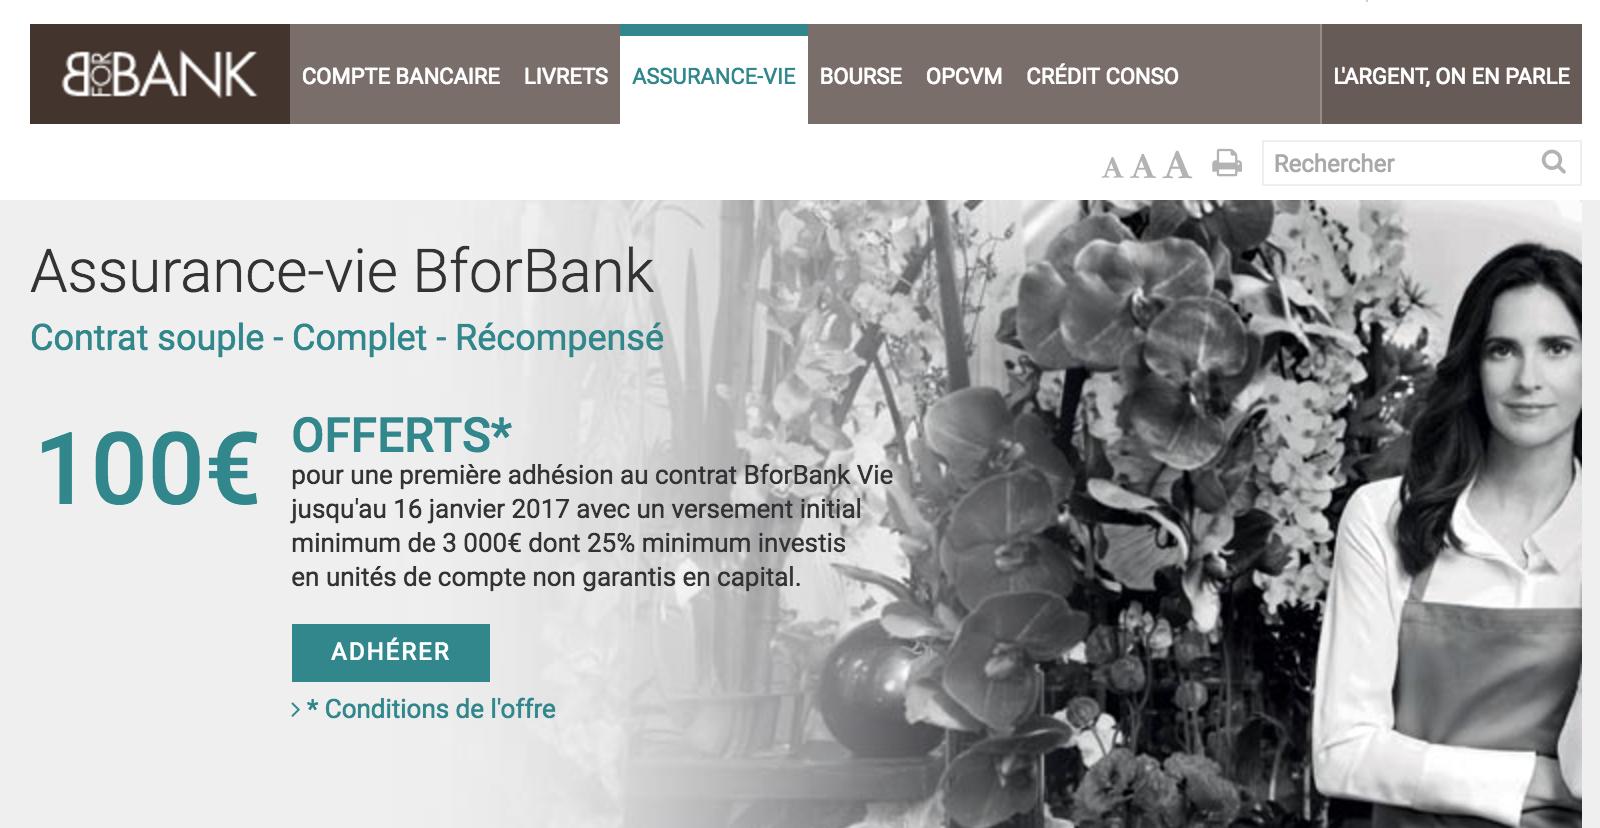 Le contrat d'Assurance Vie BforBank change de nom